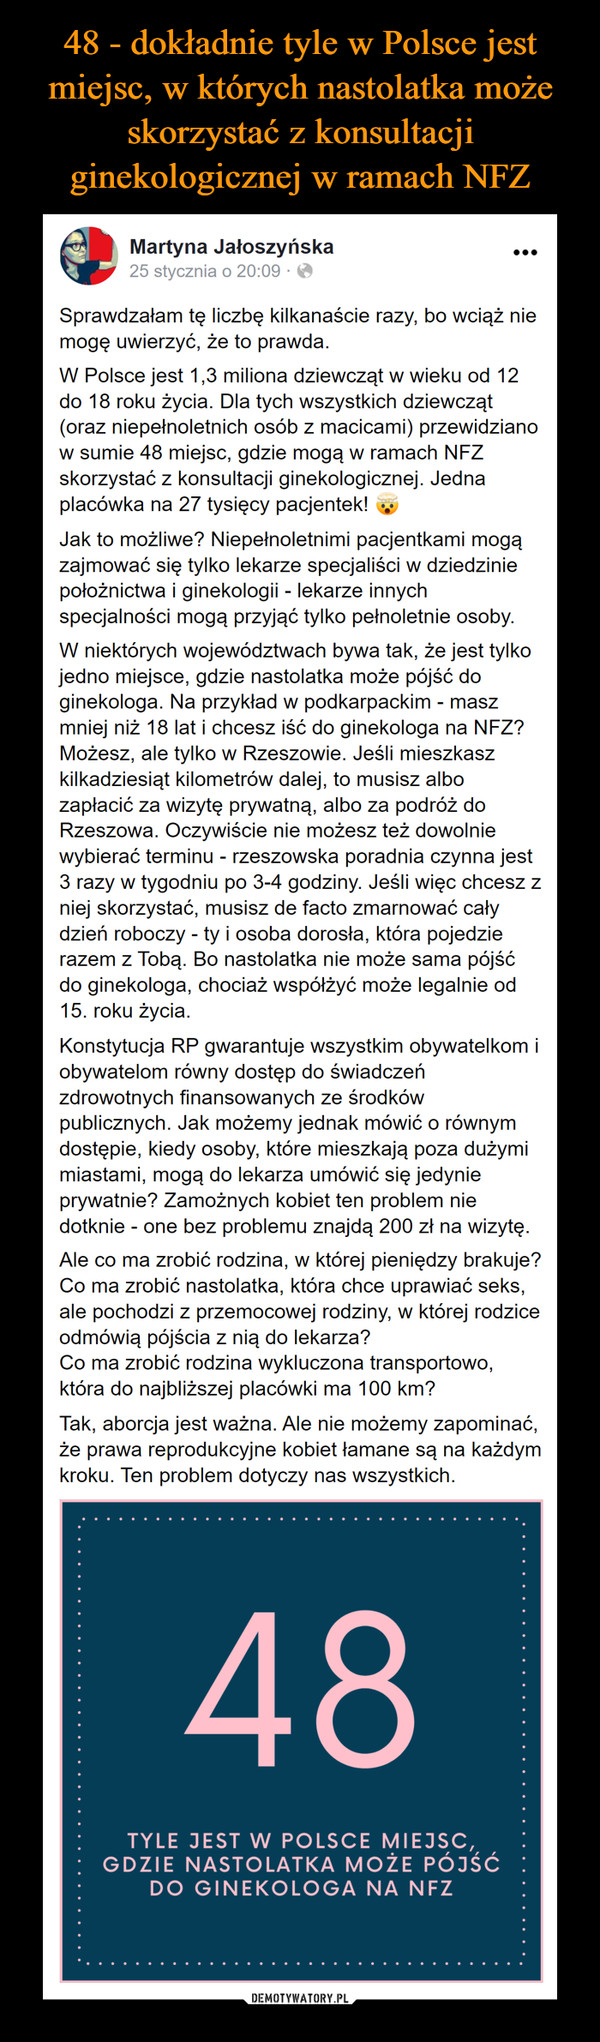 –  Martyna Jałoszyńska2gS5g mtfstmfyaccczSnaiiriSuadprofr no 20ls:ore0d9  · Sprawdzałam tę liczbę kilkanaście razy, bo wciąż nie mogę uwierzyć, że to prawda.W Polsce jest 1,3 miliona dziewcząt w wieku od 12 do 18 roku życia. Dla tych wszystkich dziewcząt (oraz niepełnoletnich osób z macicami) przewidziano w sumie 48 miejsc, gdzie mogą w ramach NFZ skorzystać z konsultacji ginekologicznej. Jedna placówka na 27 tysięcy pacjentek!